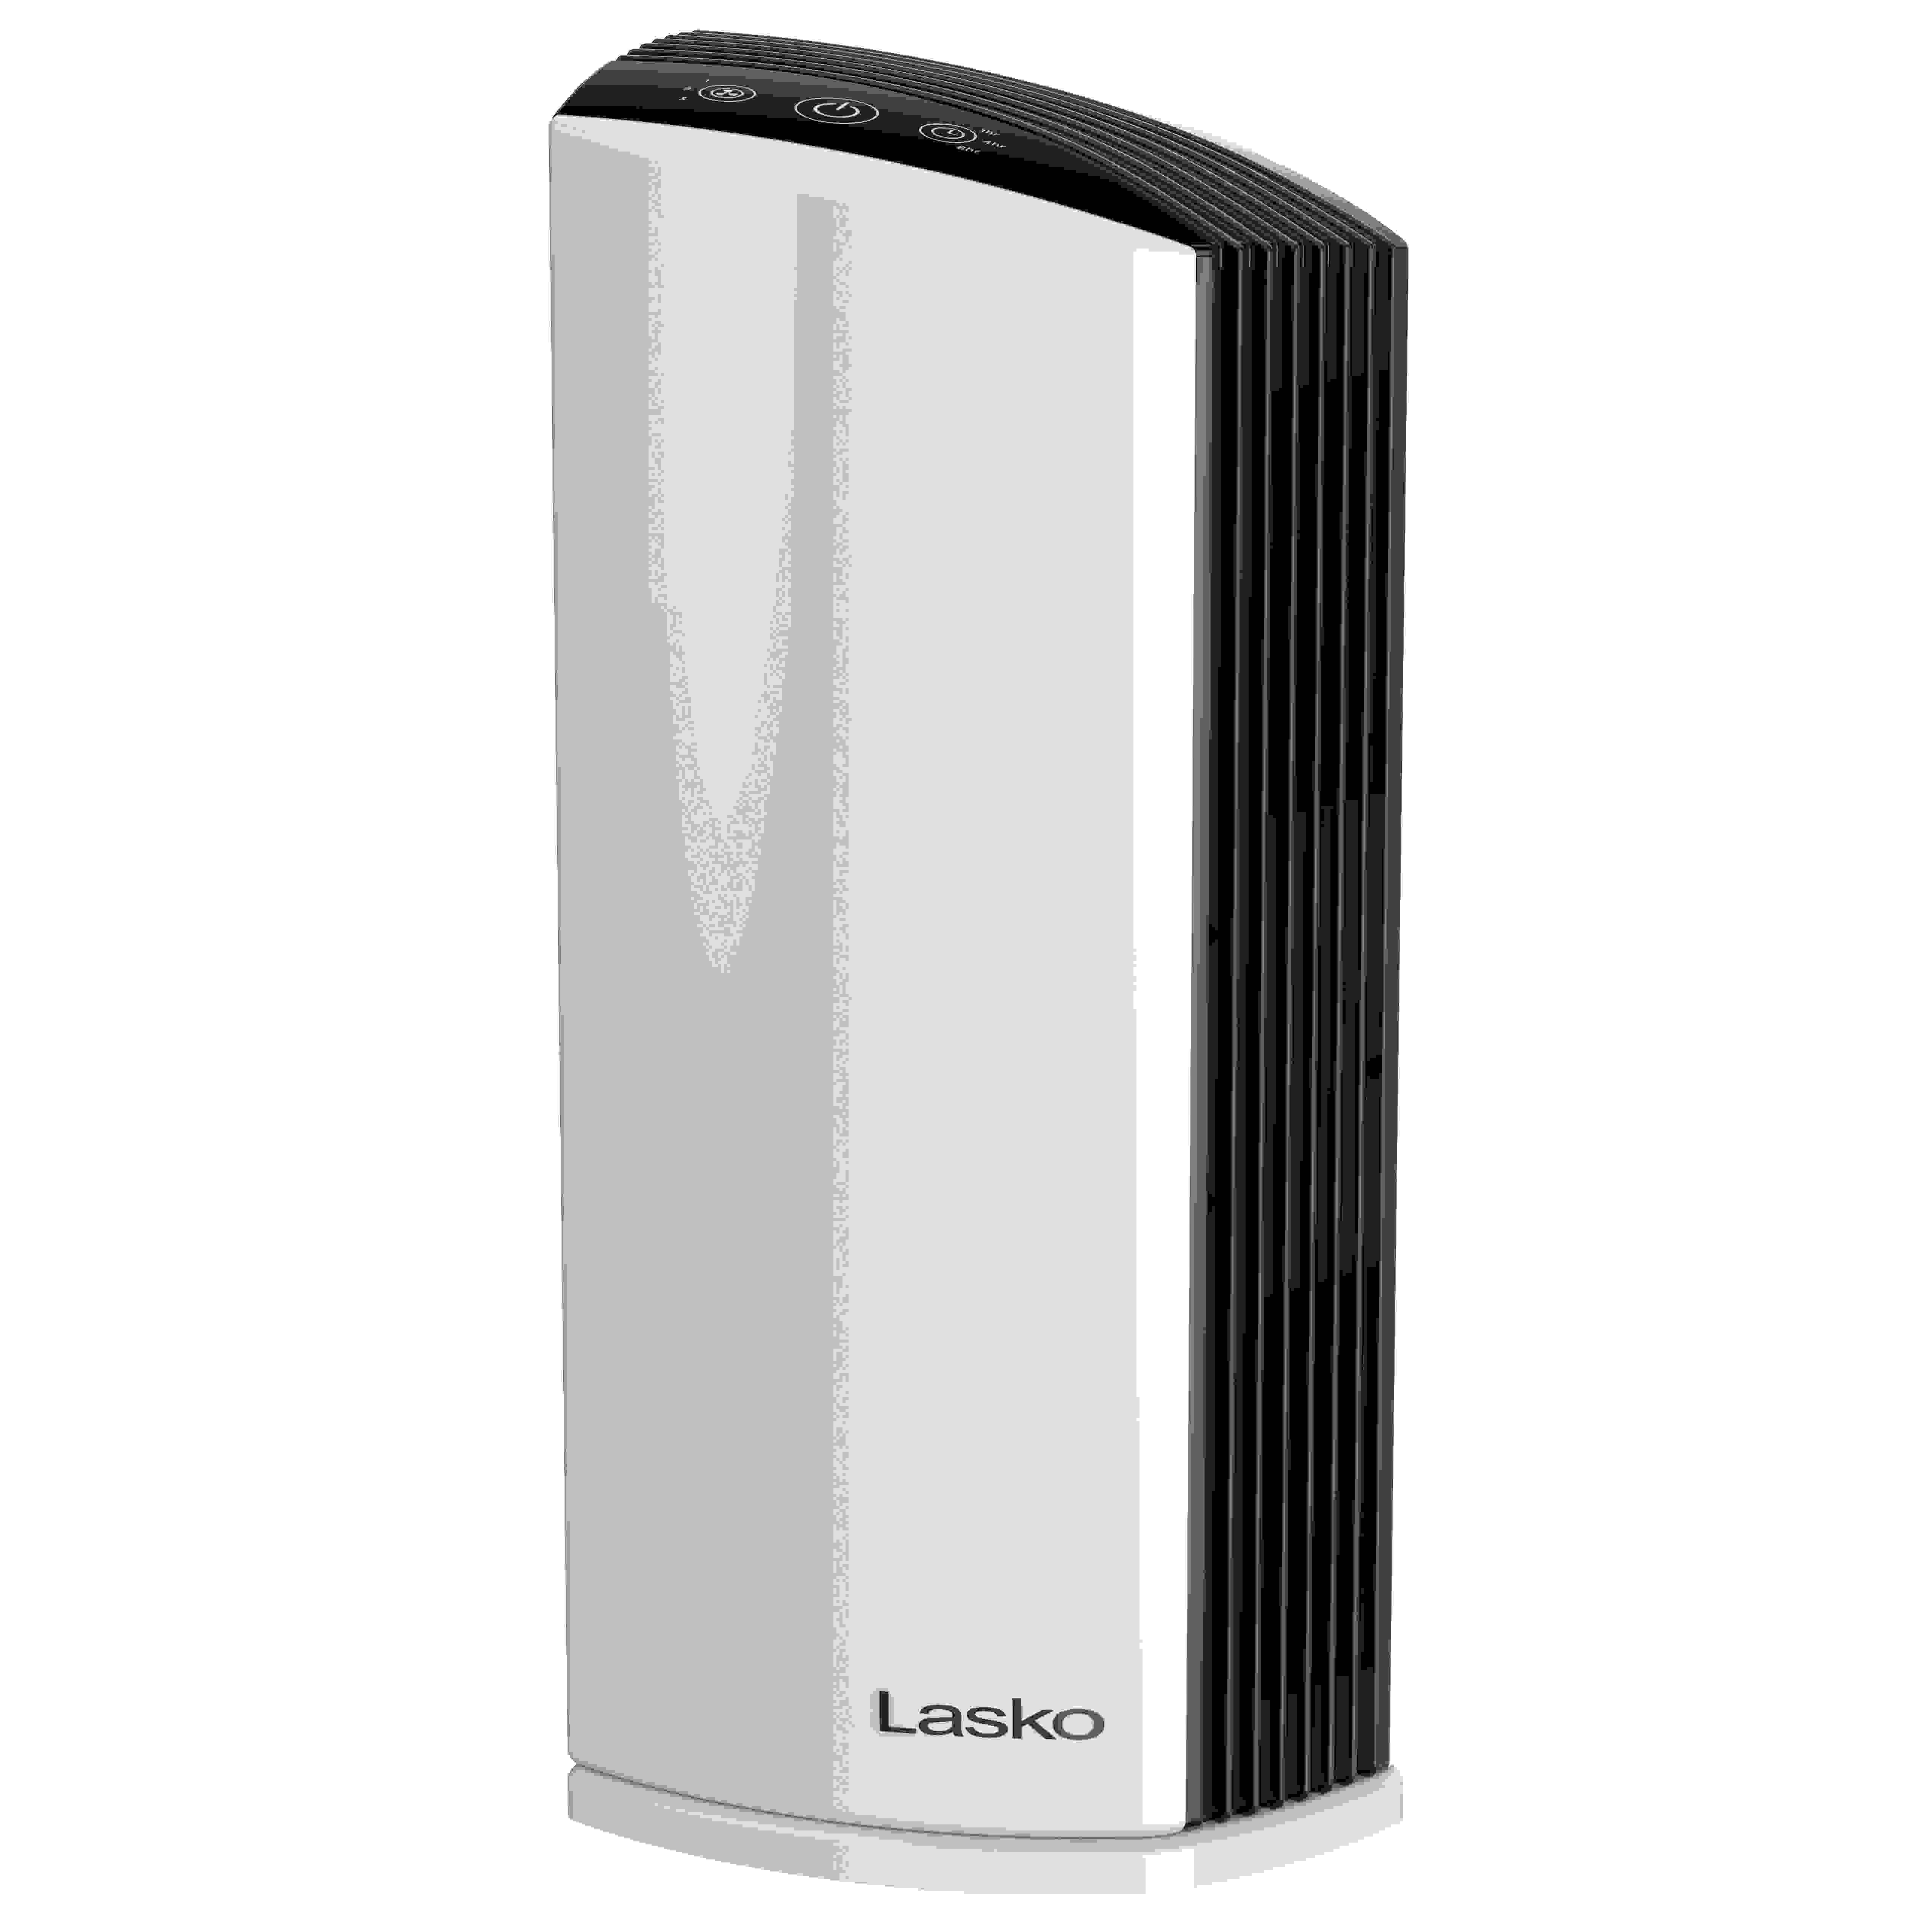 Lasko LP300 Air Purifier